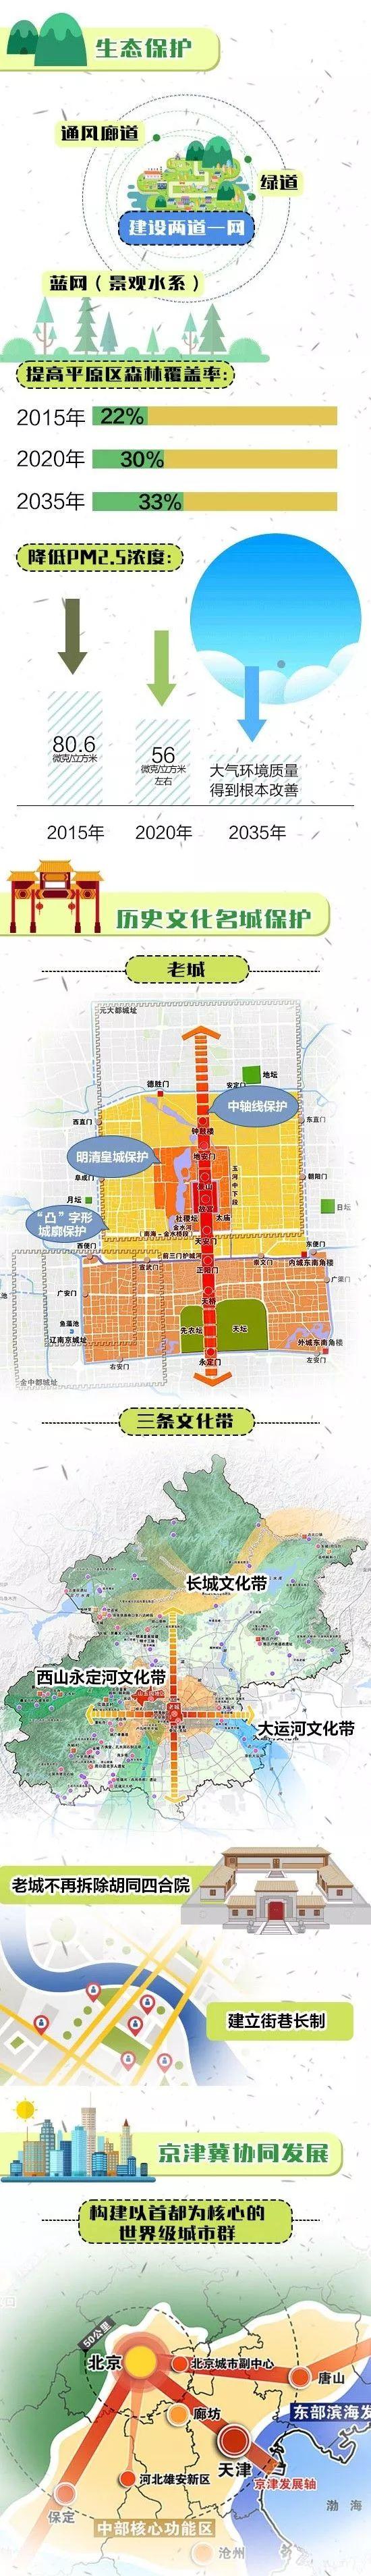 未来的大北京什么样?千年古都如何保护?一图看懂20年后的北京